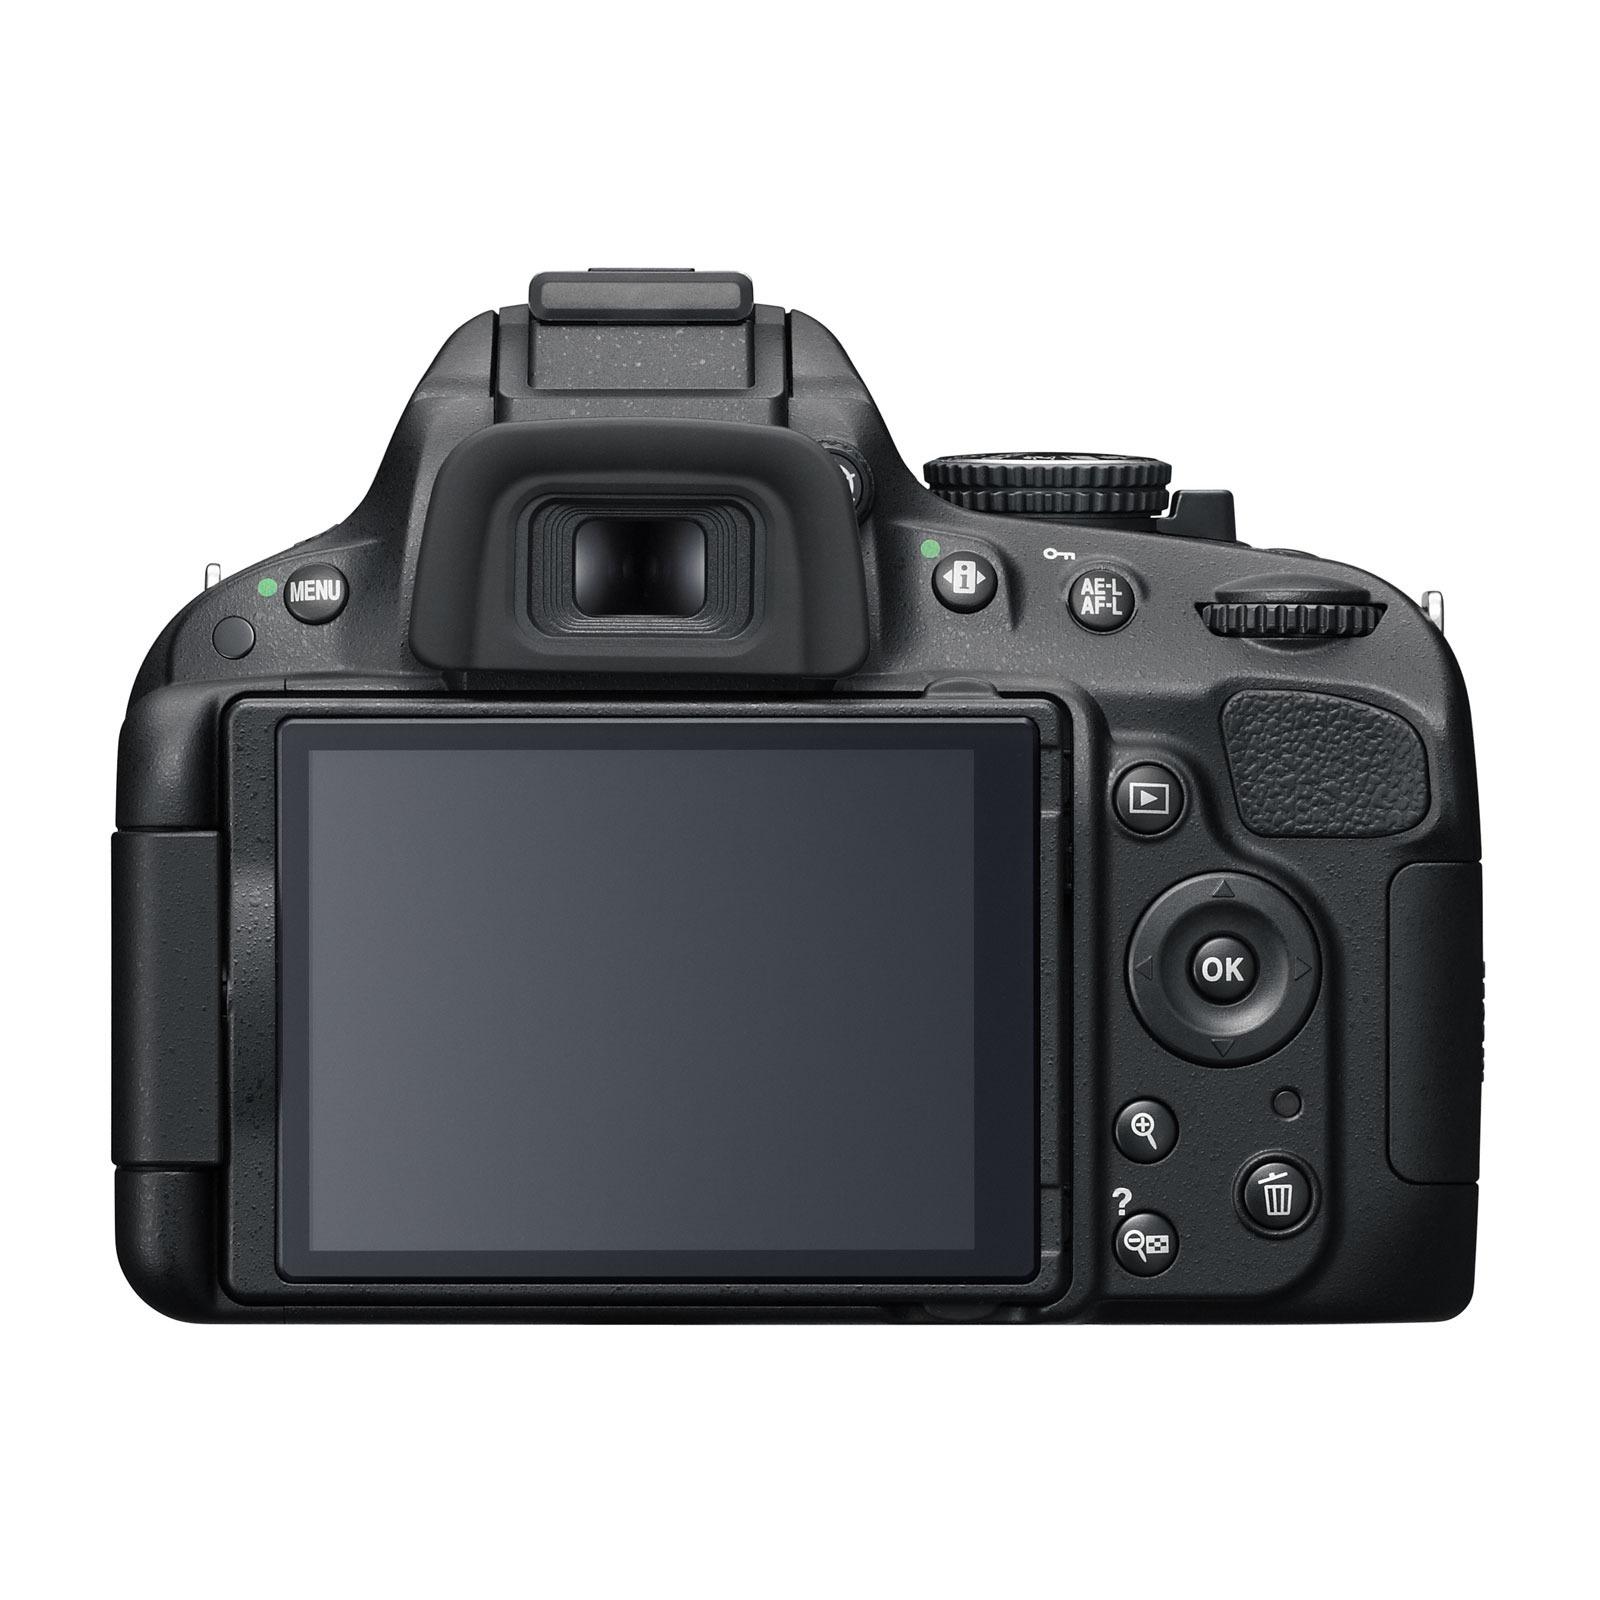 """Appareil photo Reflex Nikon D5100 Réflex Numérique 16.2 MP - Ecran 3"""" - Vidéo Full HD (boîtier nu)"""